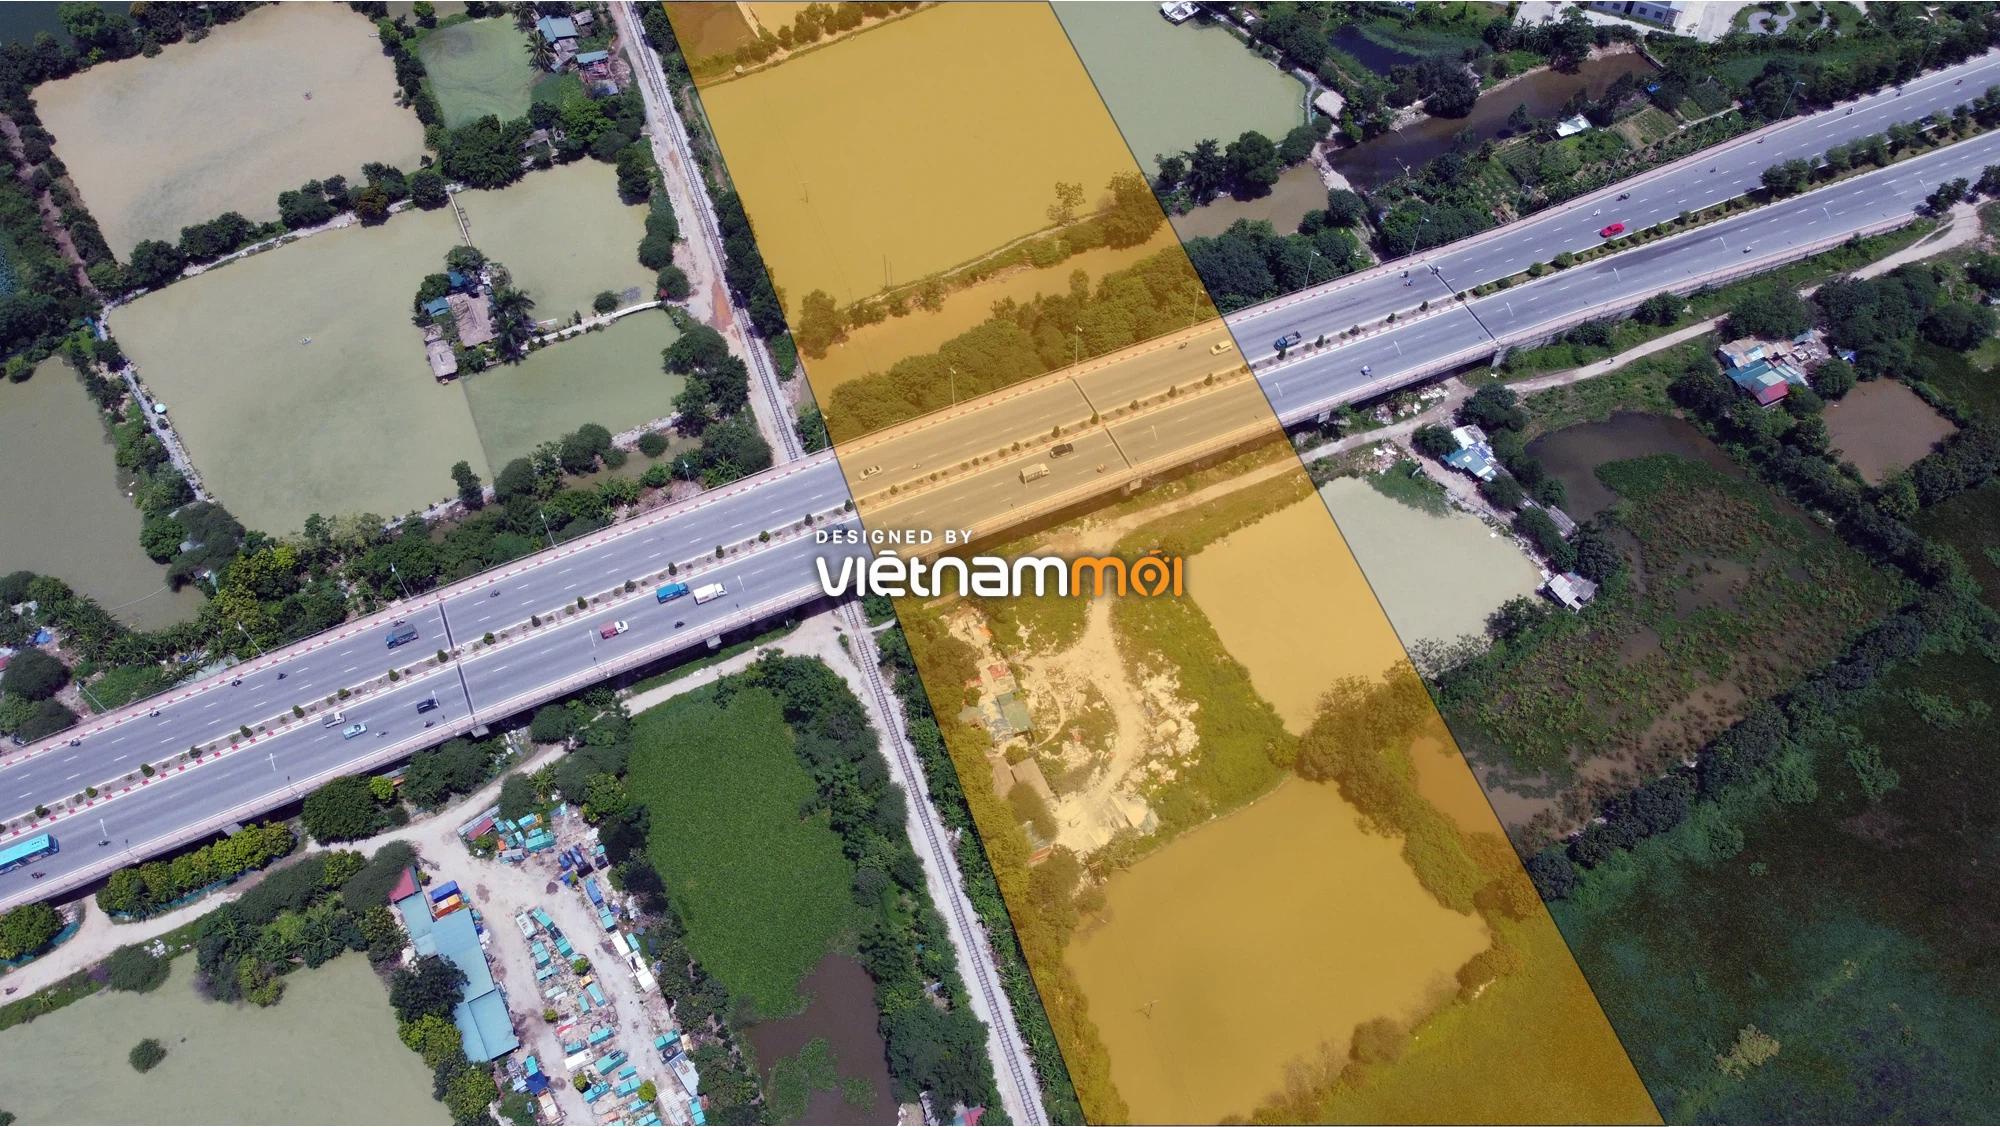 Đường Vành đai 3,5 sẽ mở theo quy hoạch qua quận Hà Đông, Hà Nội - Ảnh 13.